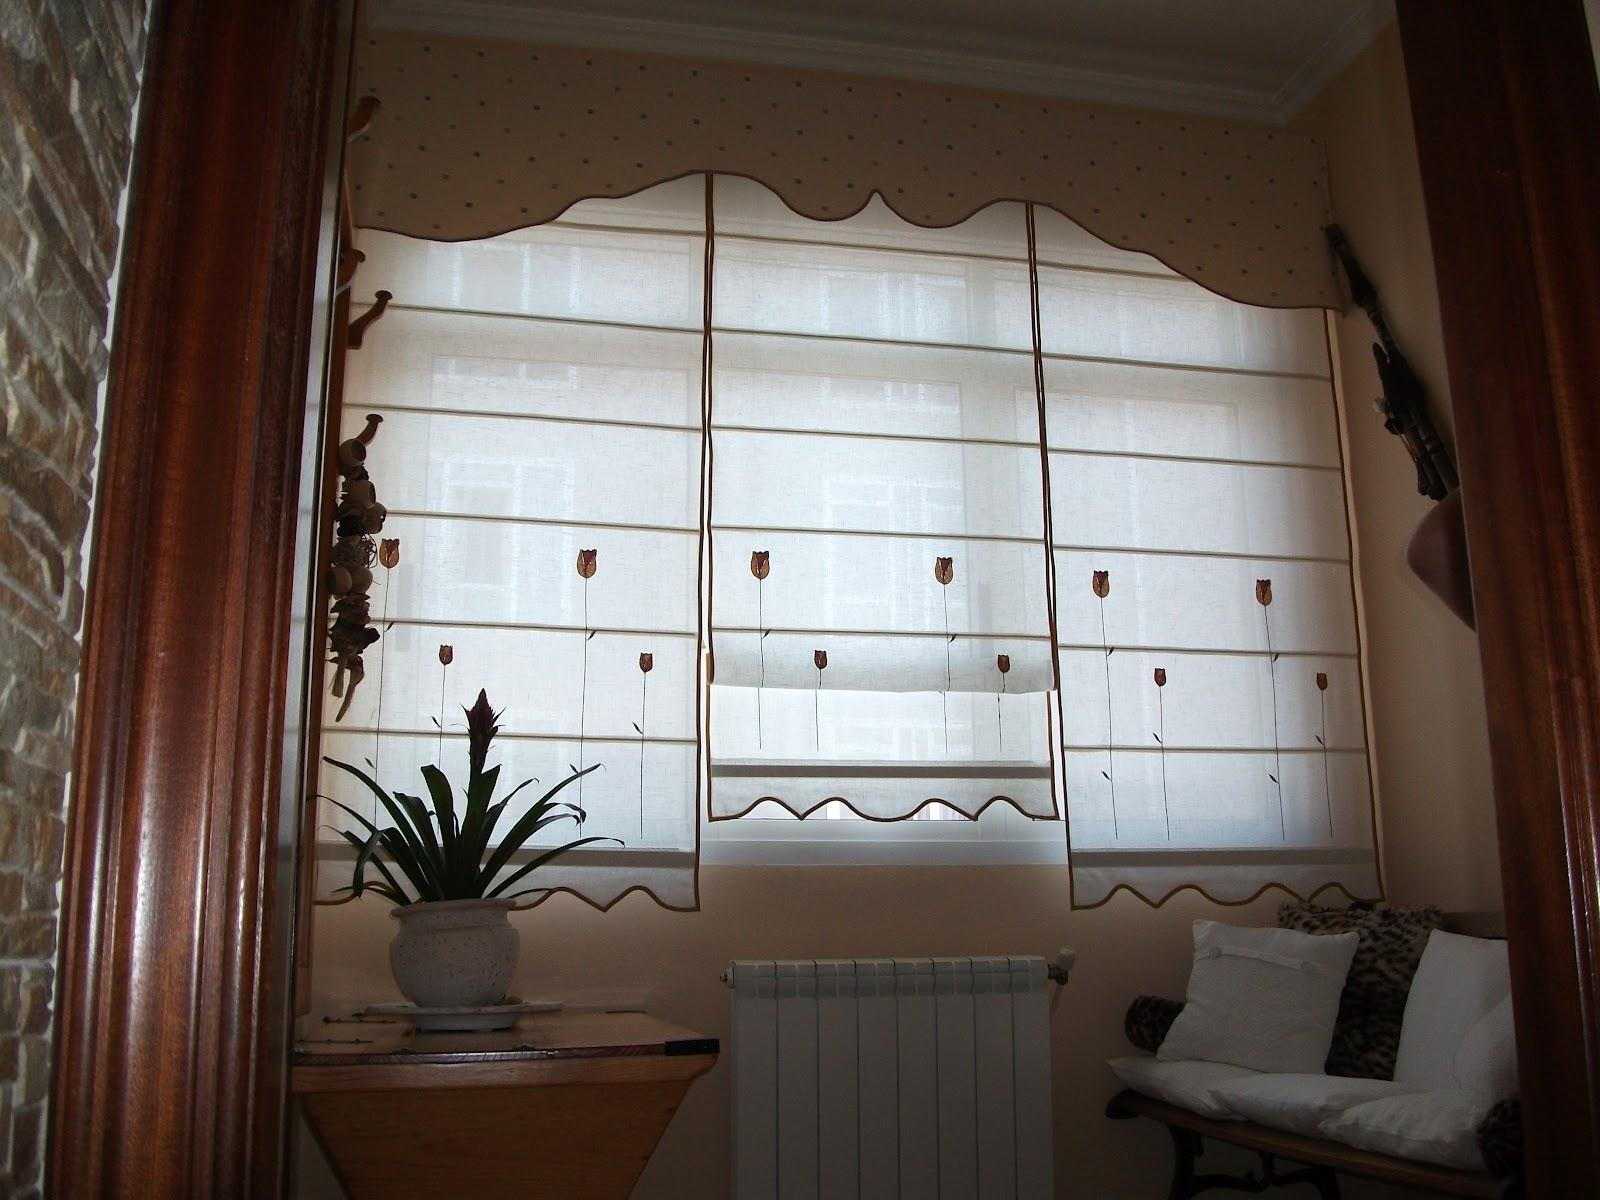 El rinconcito de las rodriguez ventana con tres estores - Estores de varillas ...